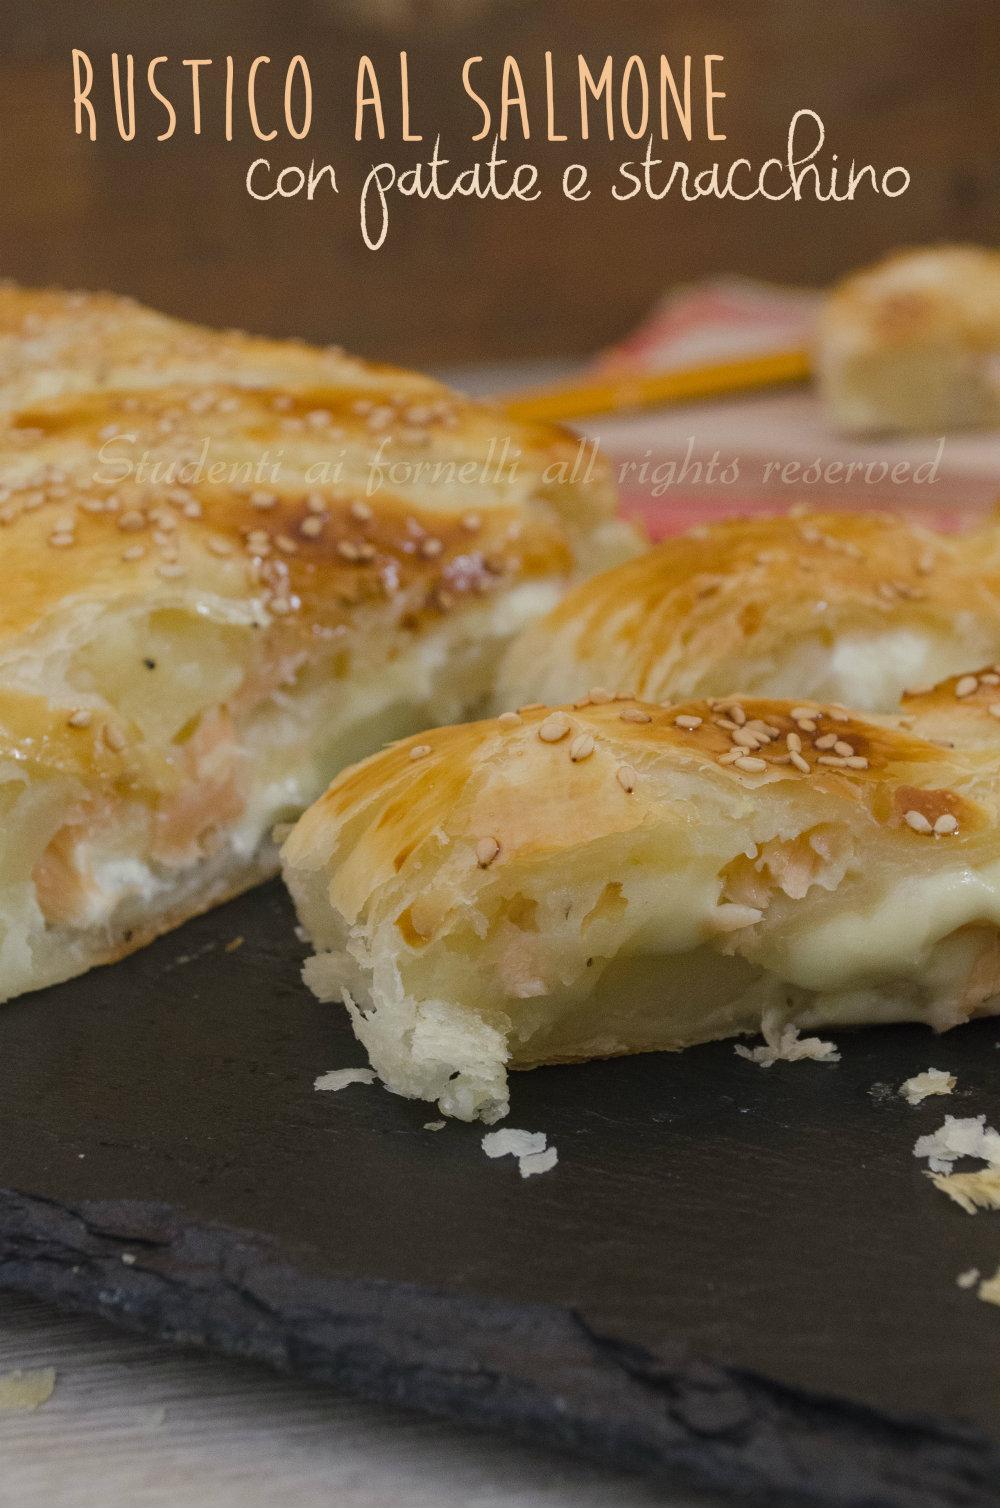 torta salata salmone rustico-al-salmone-patate-e-stracchino-ricetta-di-pesce-con-salmone-affumicato 1